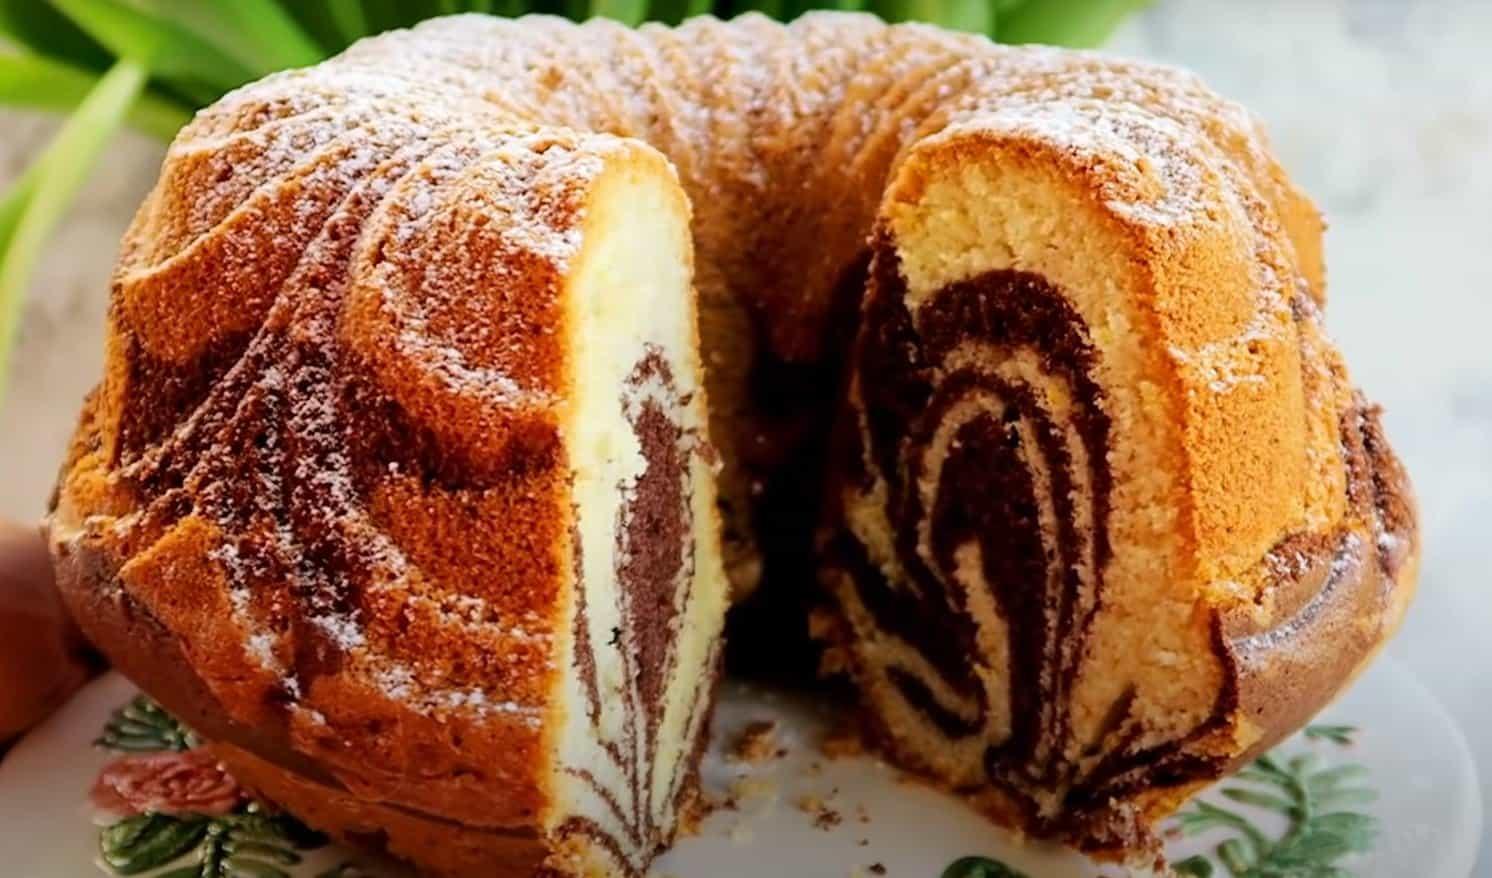 Szybka babka marmurkowa, która na stałe zagości na Twoim stole - mokra, pyszna i delikatna, przepis na szybkie ciasto. Sprawdź juz dziś